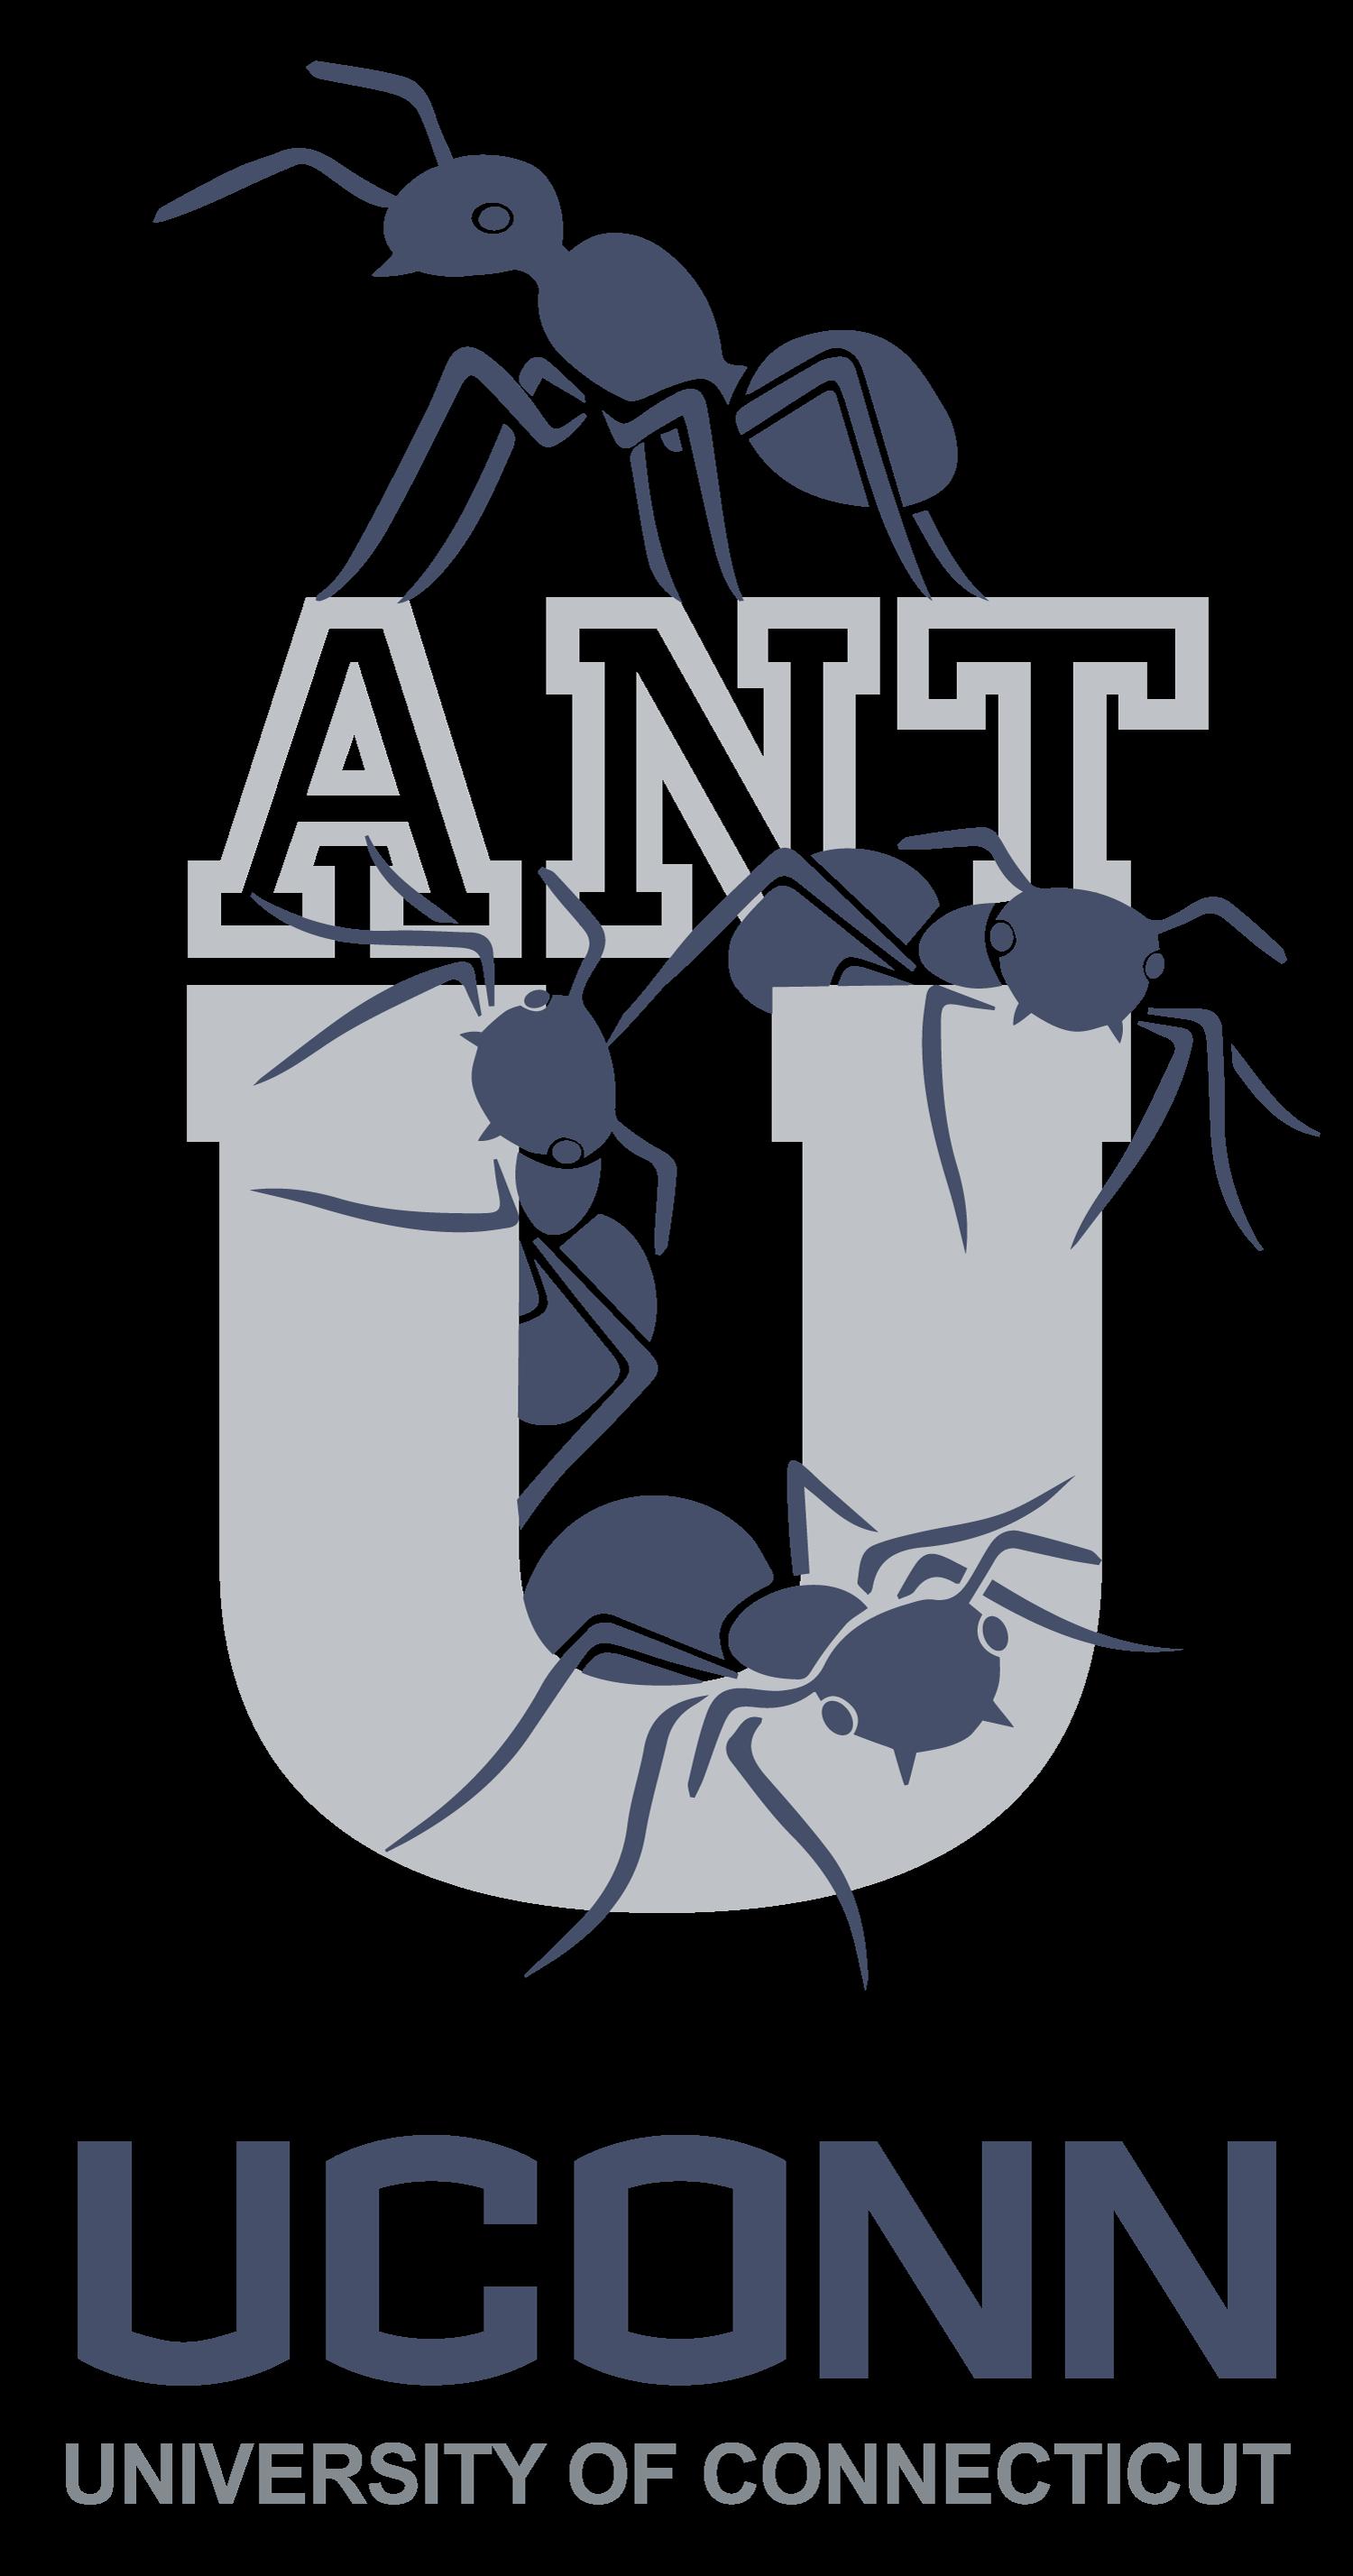 Ant-U-Logo-UCONN.png